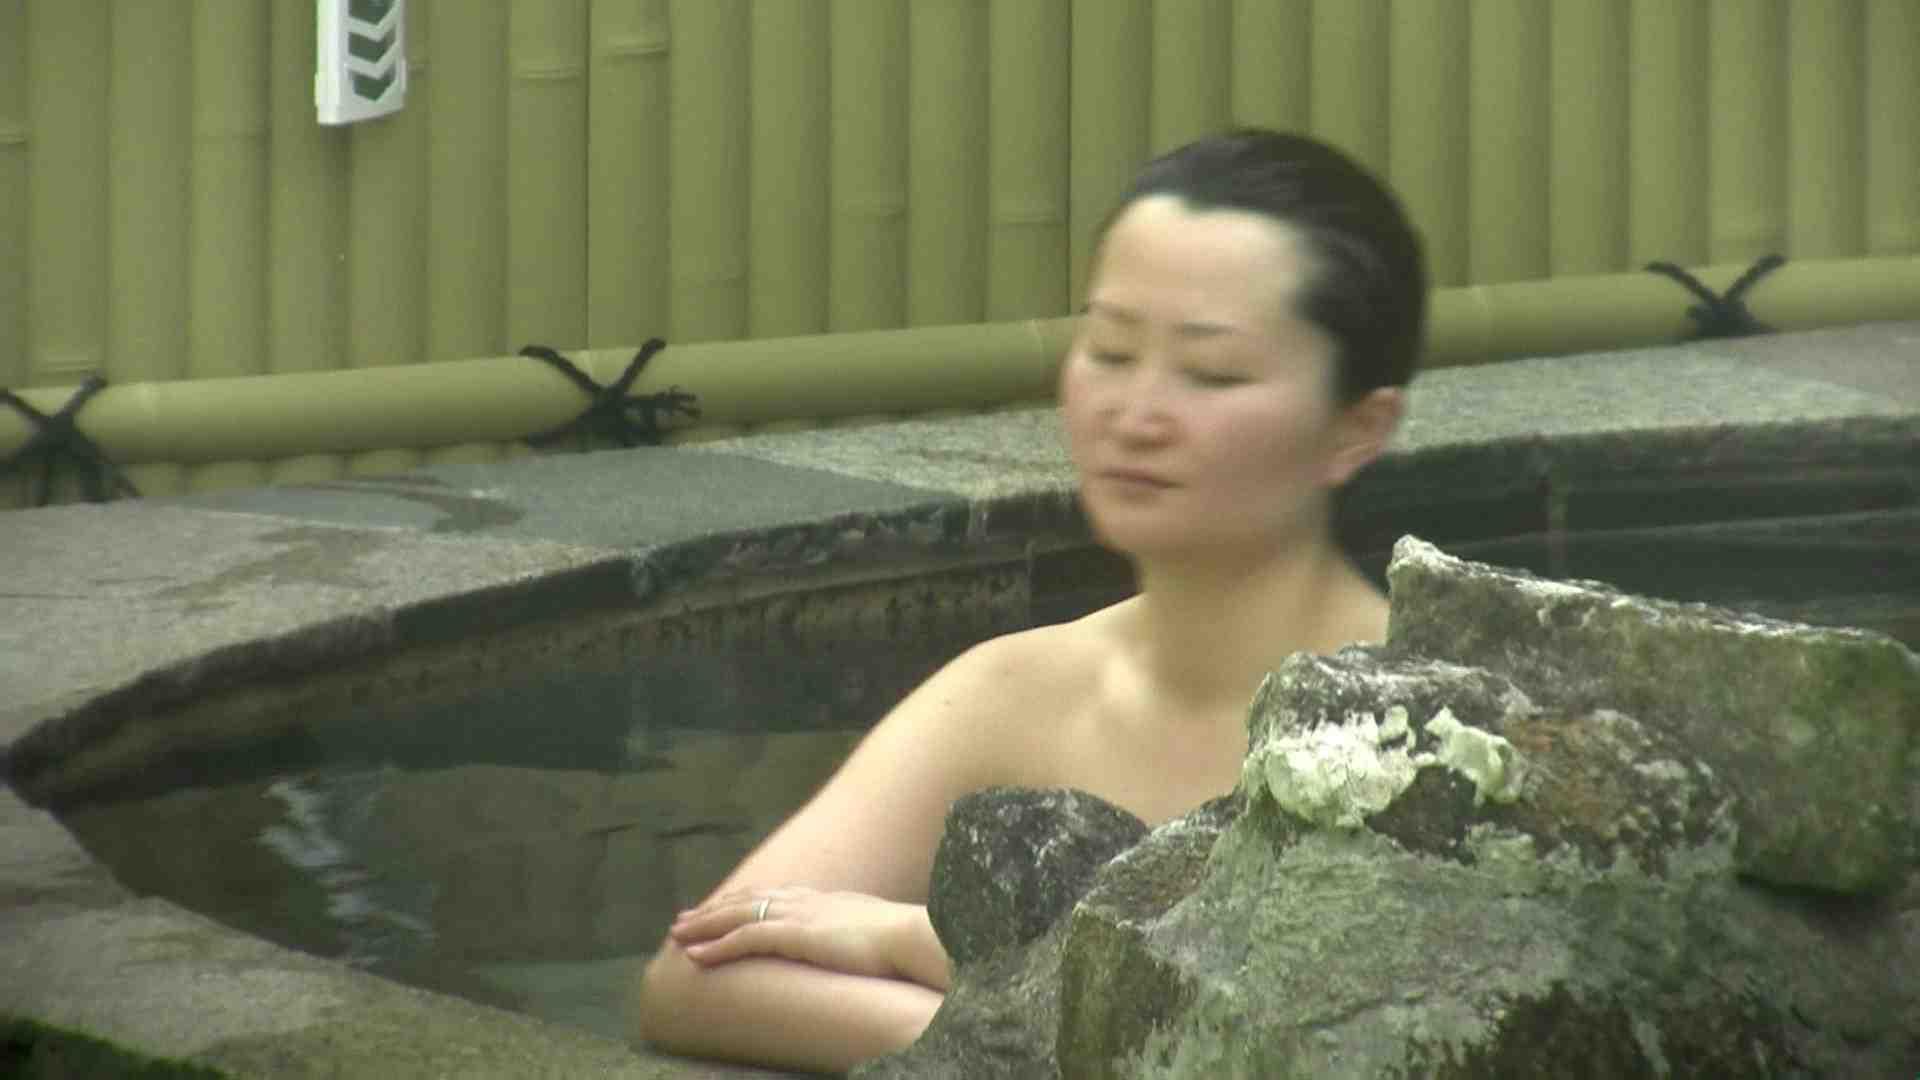 Aquaな露天風呂Vol.632 OL女体 のぞき動画画像 75連発 17